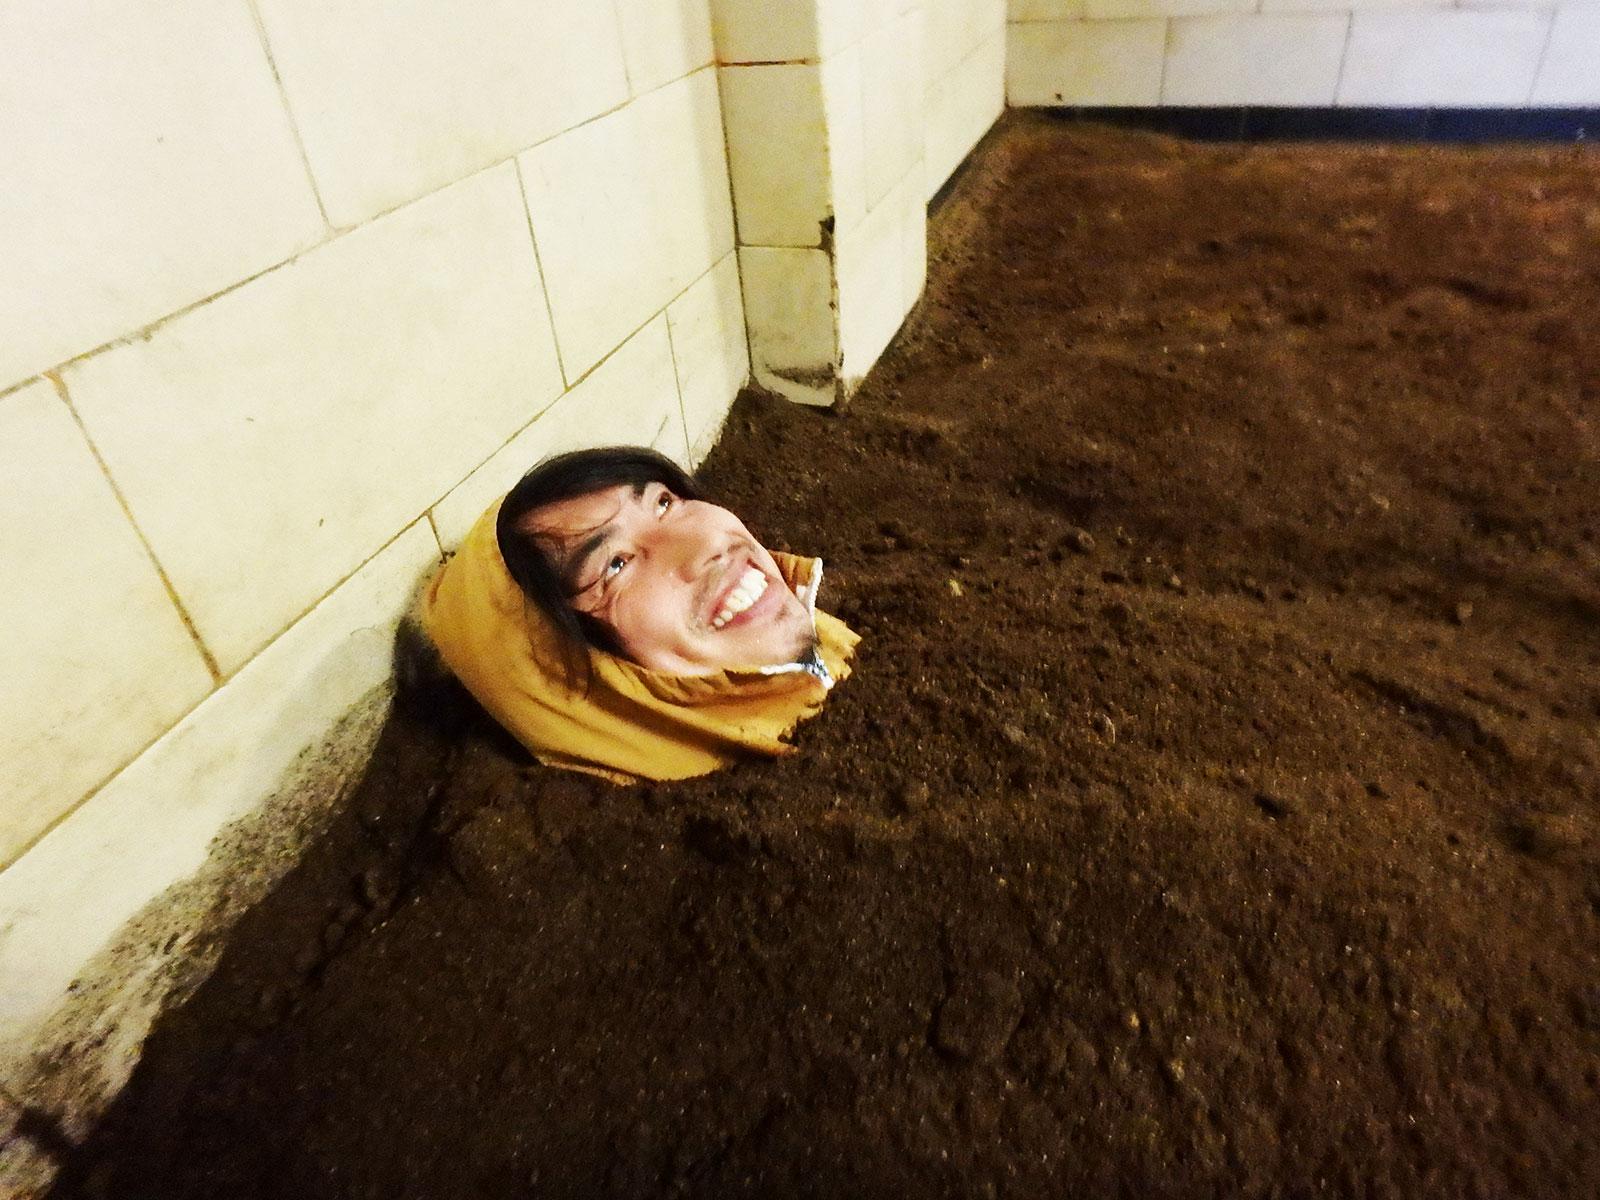 ボカシに埋まる